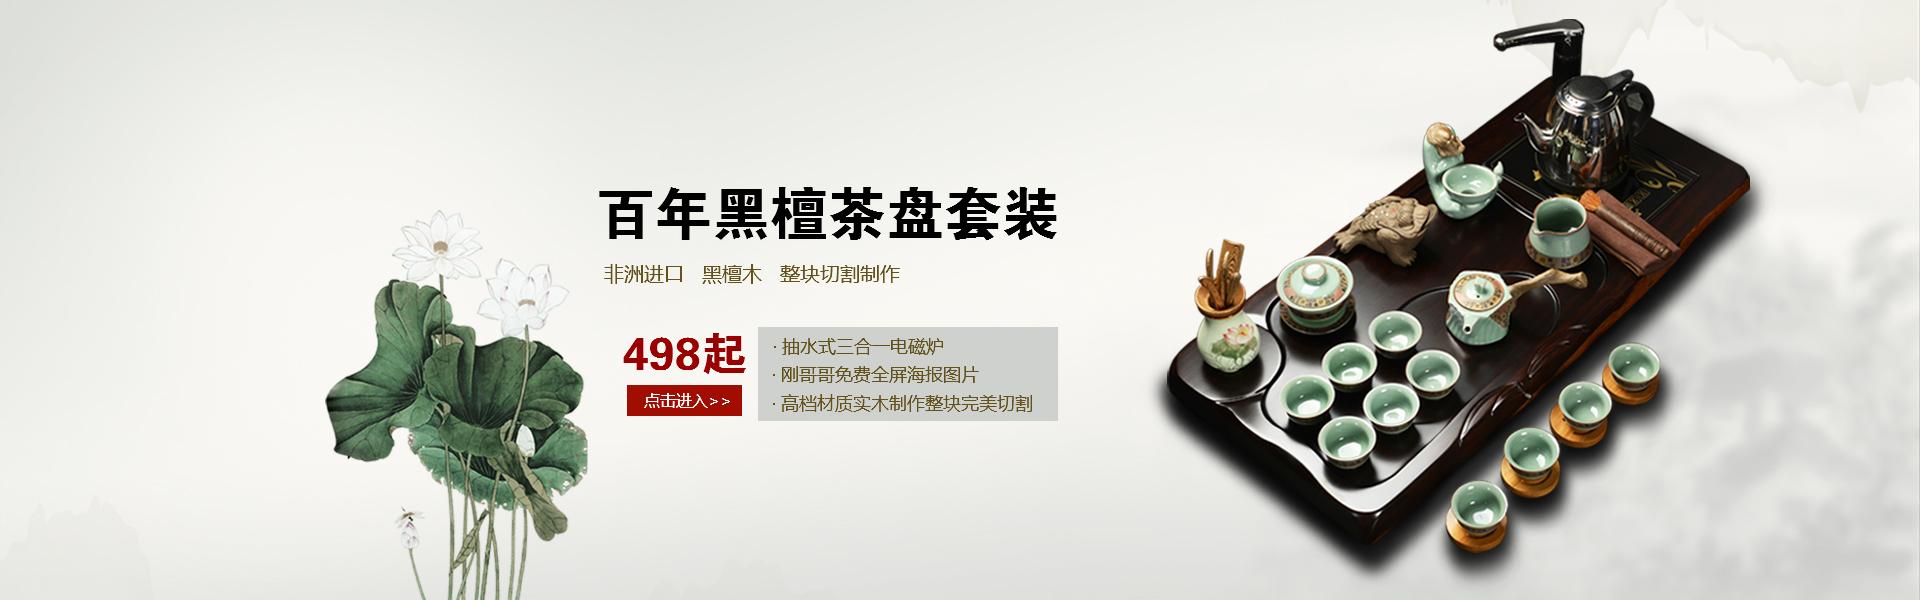 杏色中国风茶具百年黑檀茶盘套装非洲进口整块切割制作淘宝店铺天猫旺铺装修全屏海报图片在线制作